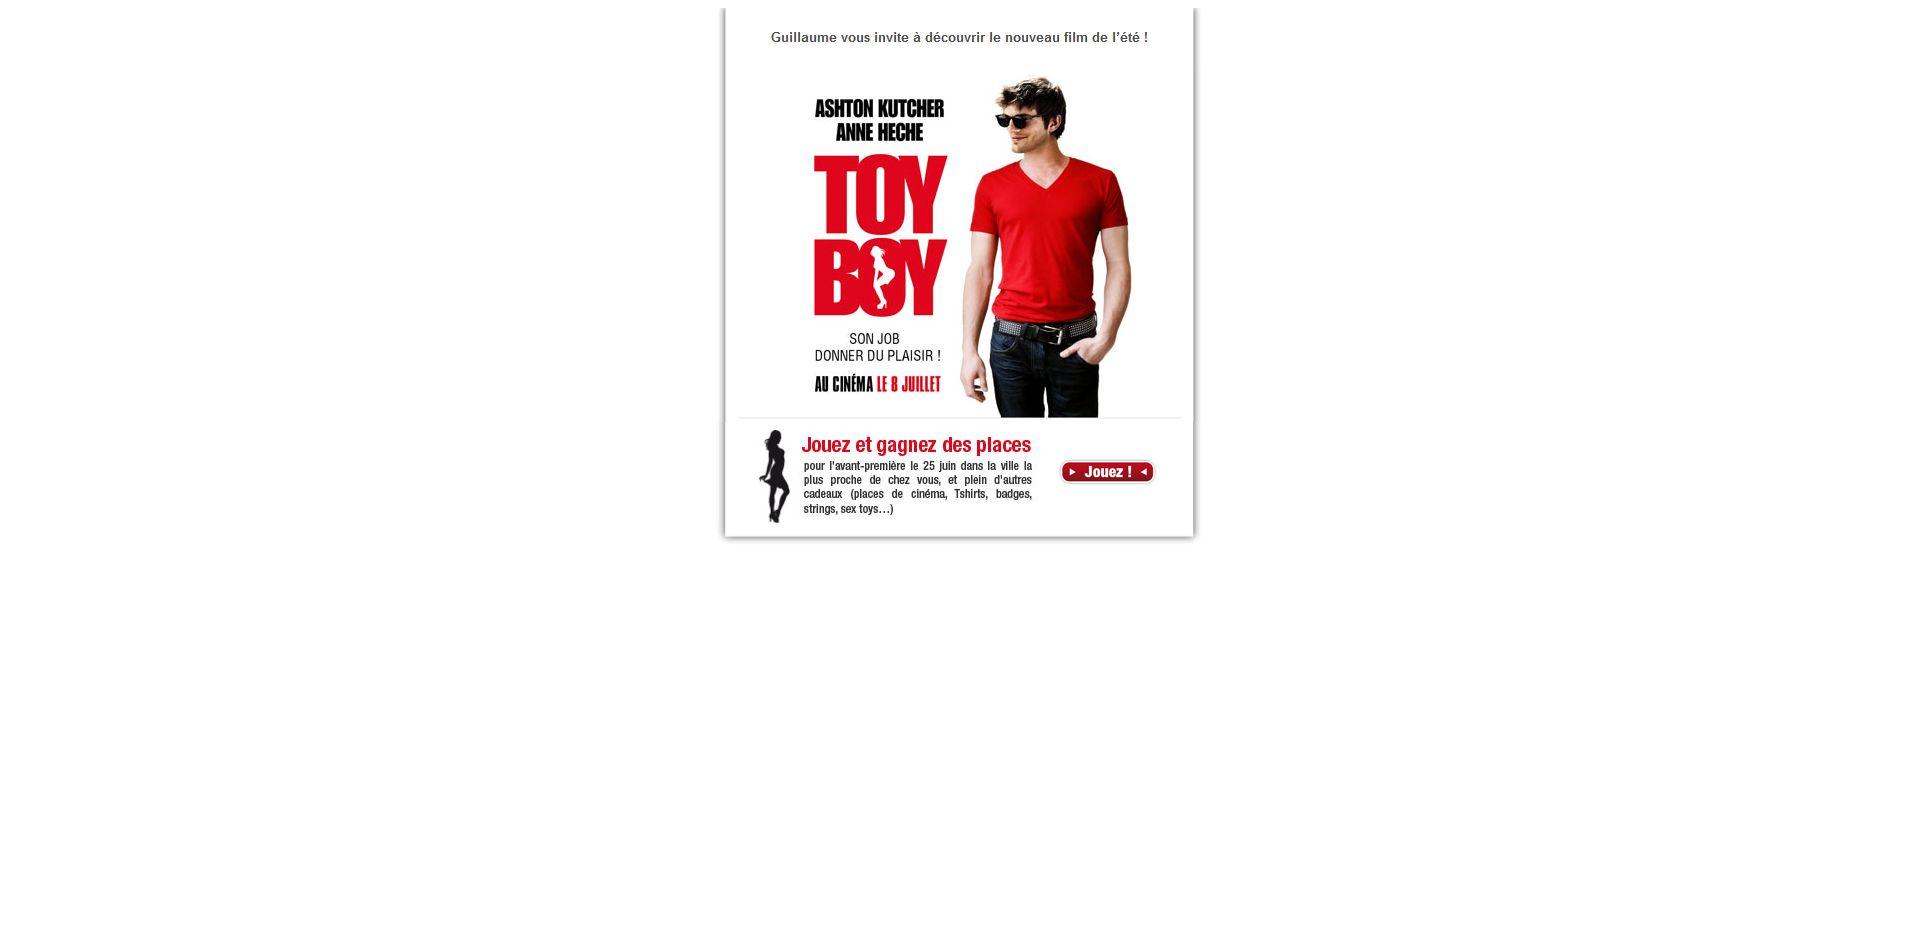 ToyBoy emailing